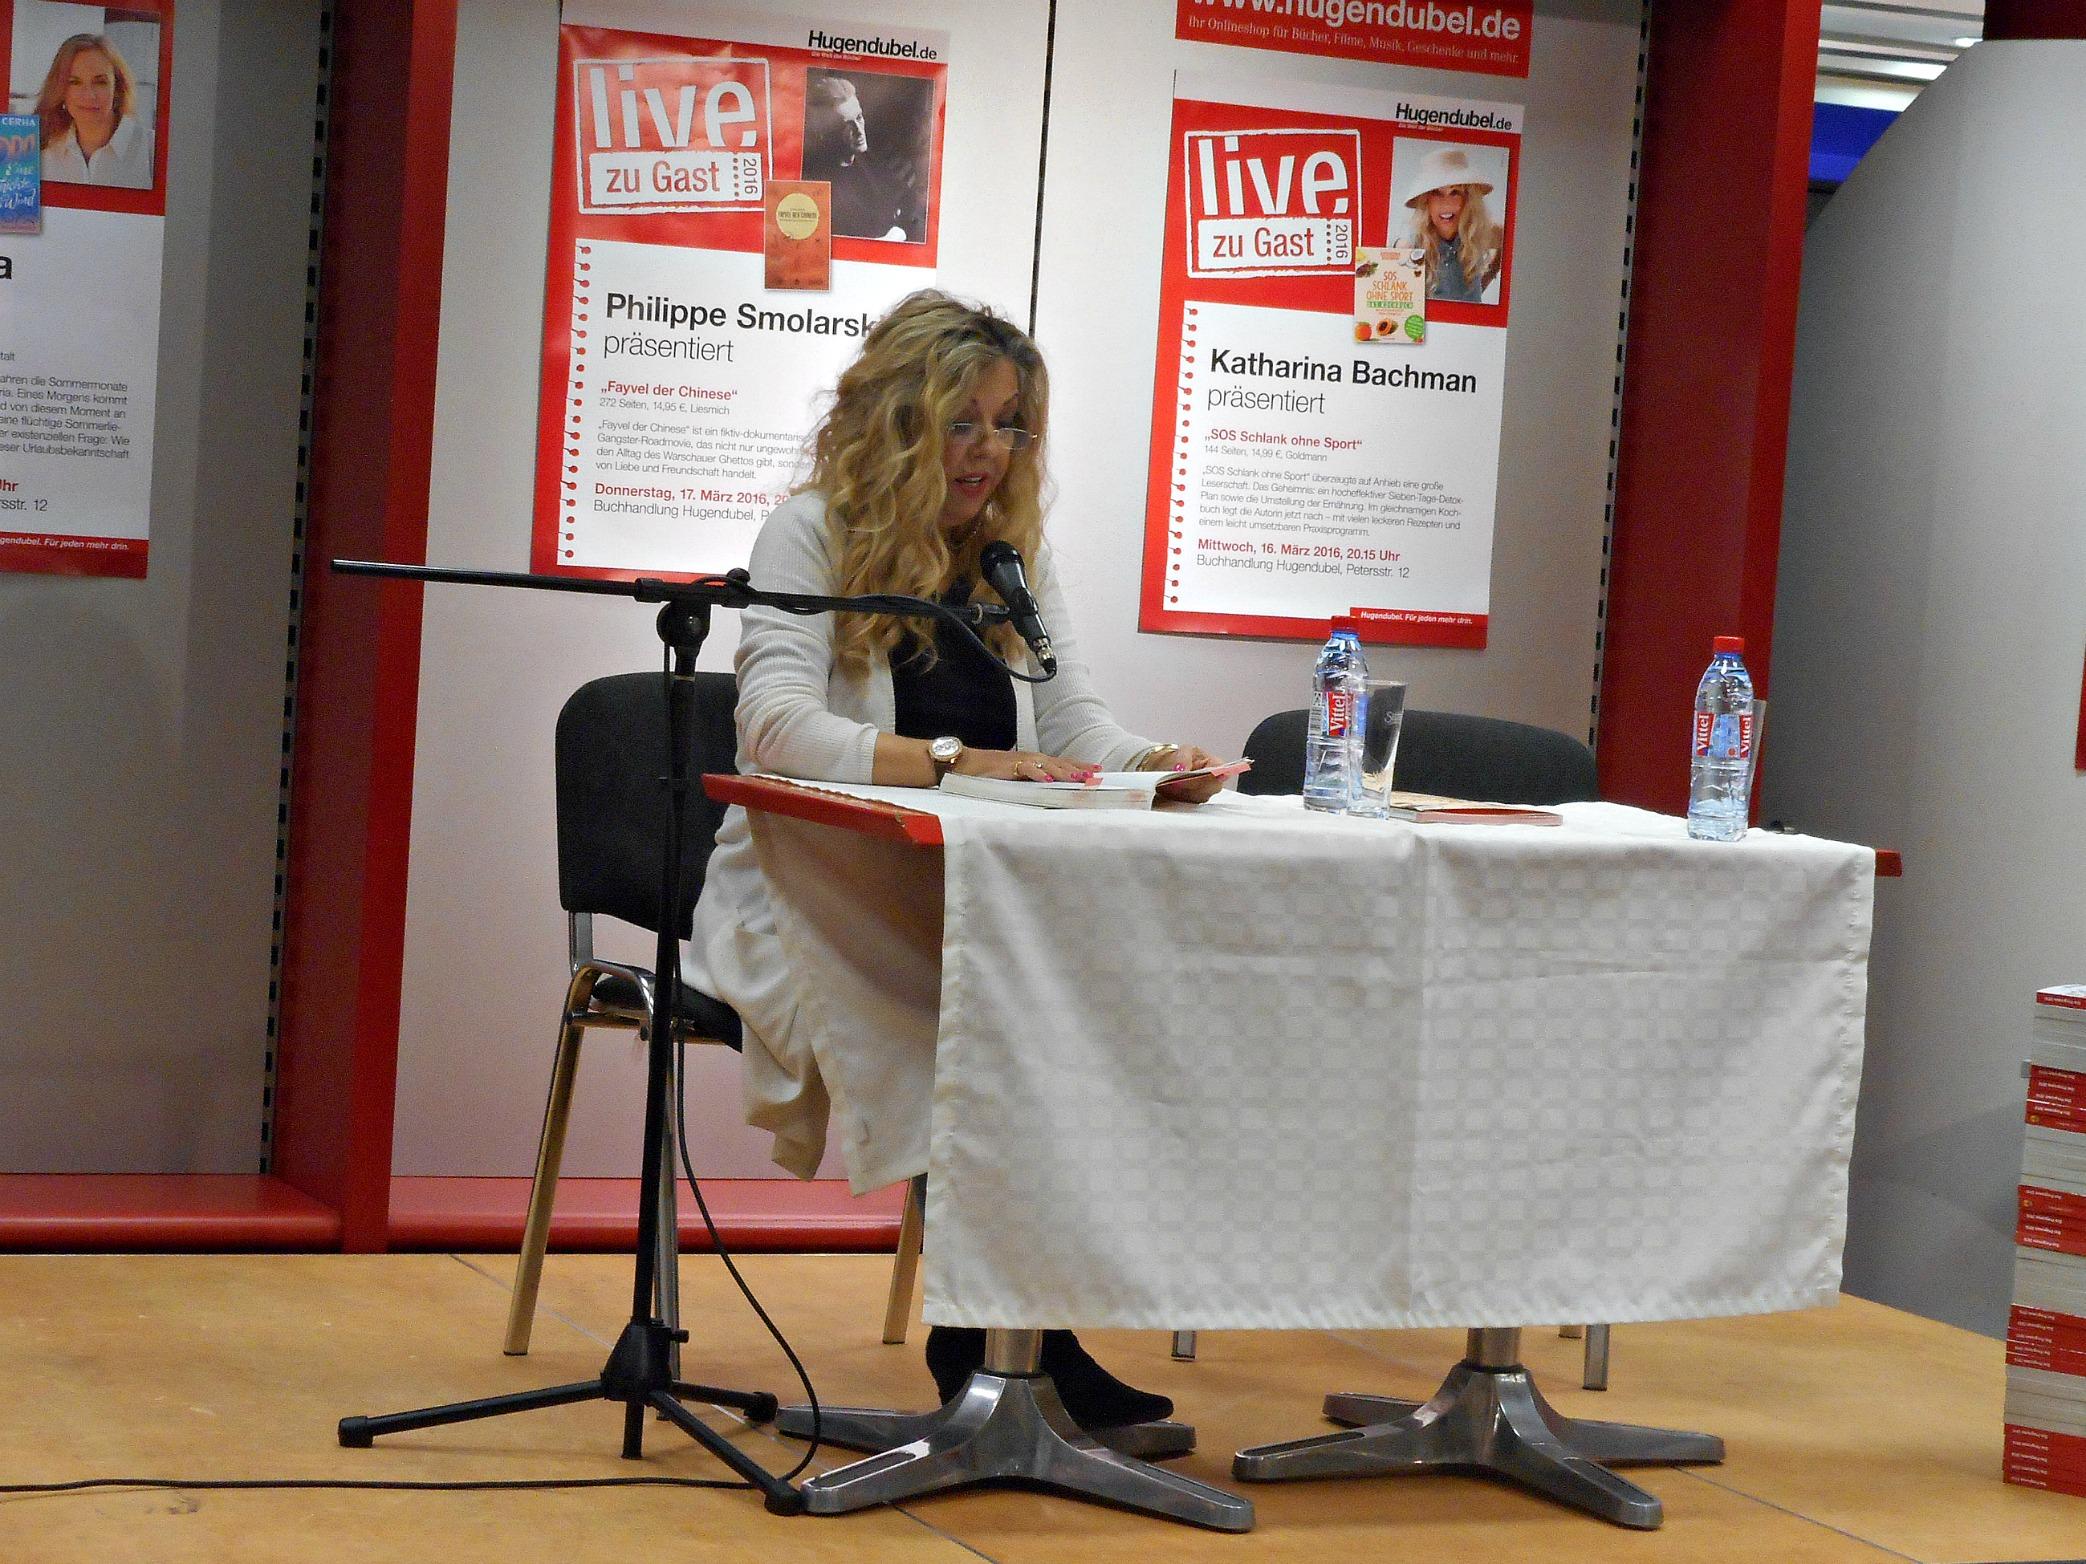 Katharina Bachman liest aus »SOS Schlank ohne Sport«. © Laura Winkelmann